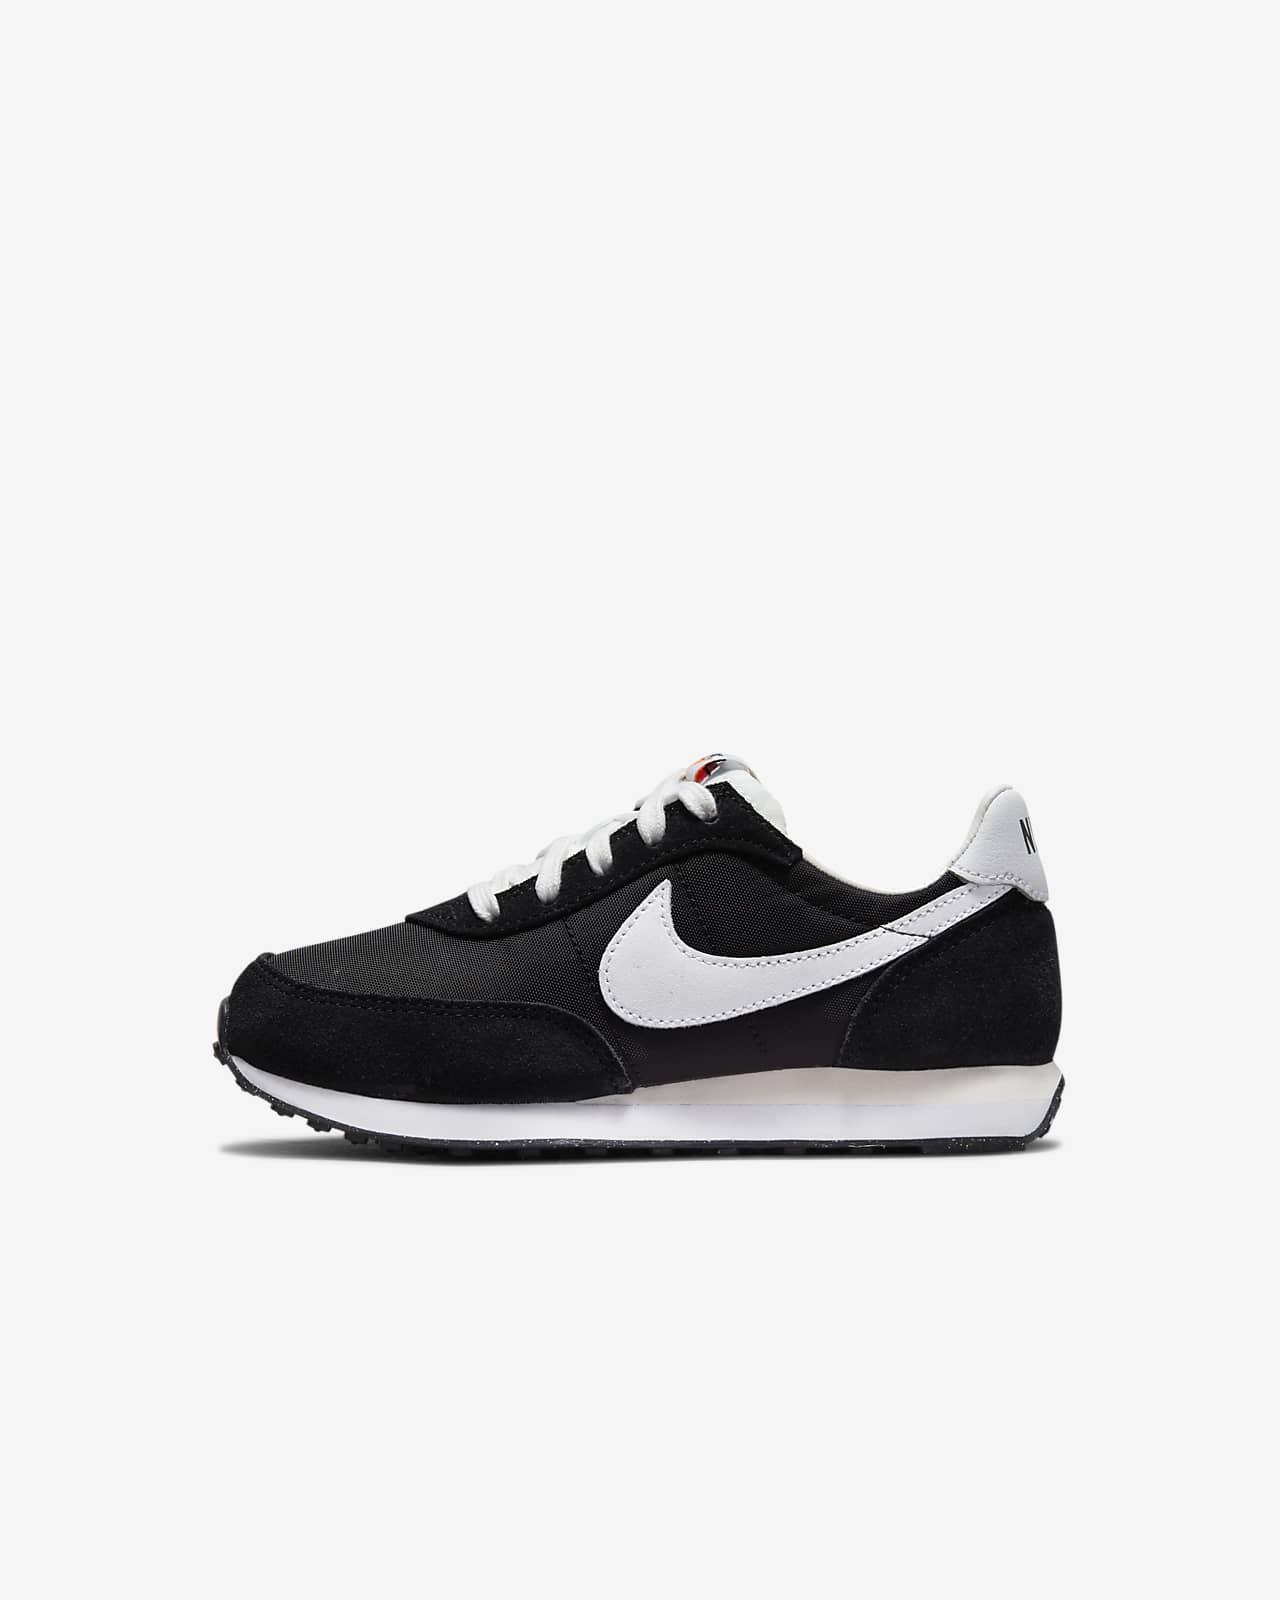 Nike Waffle Trainer 2 Schuh für jüngere Kinder